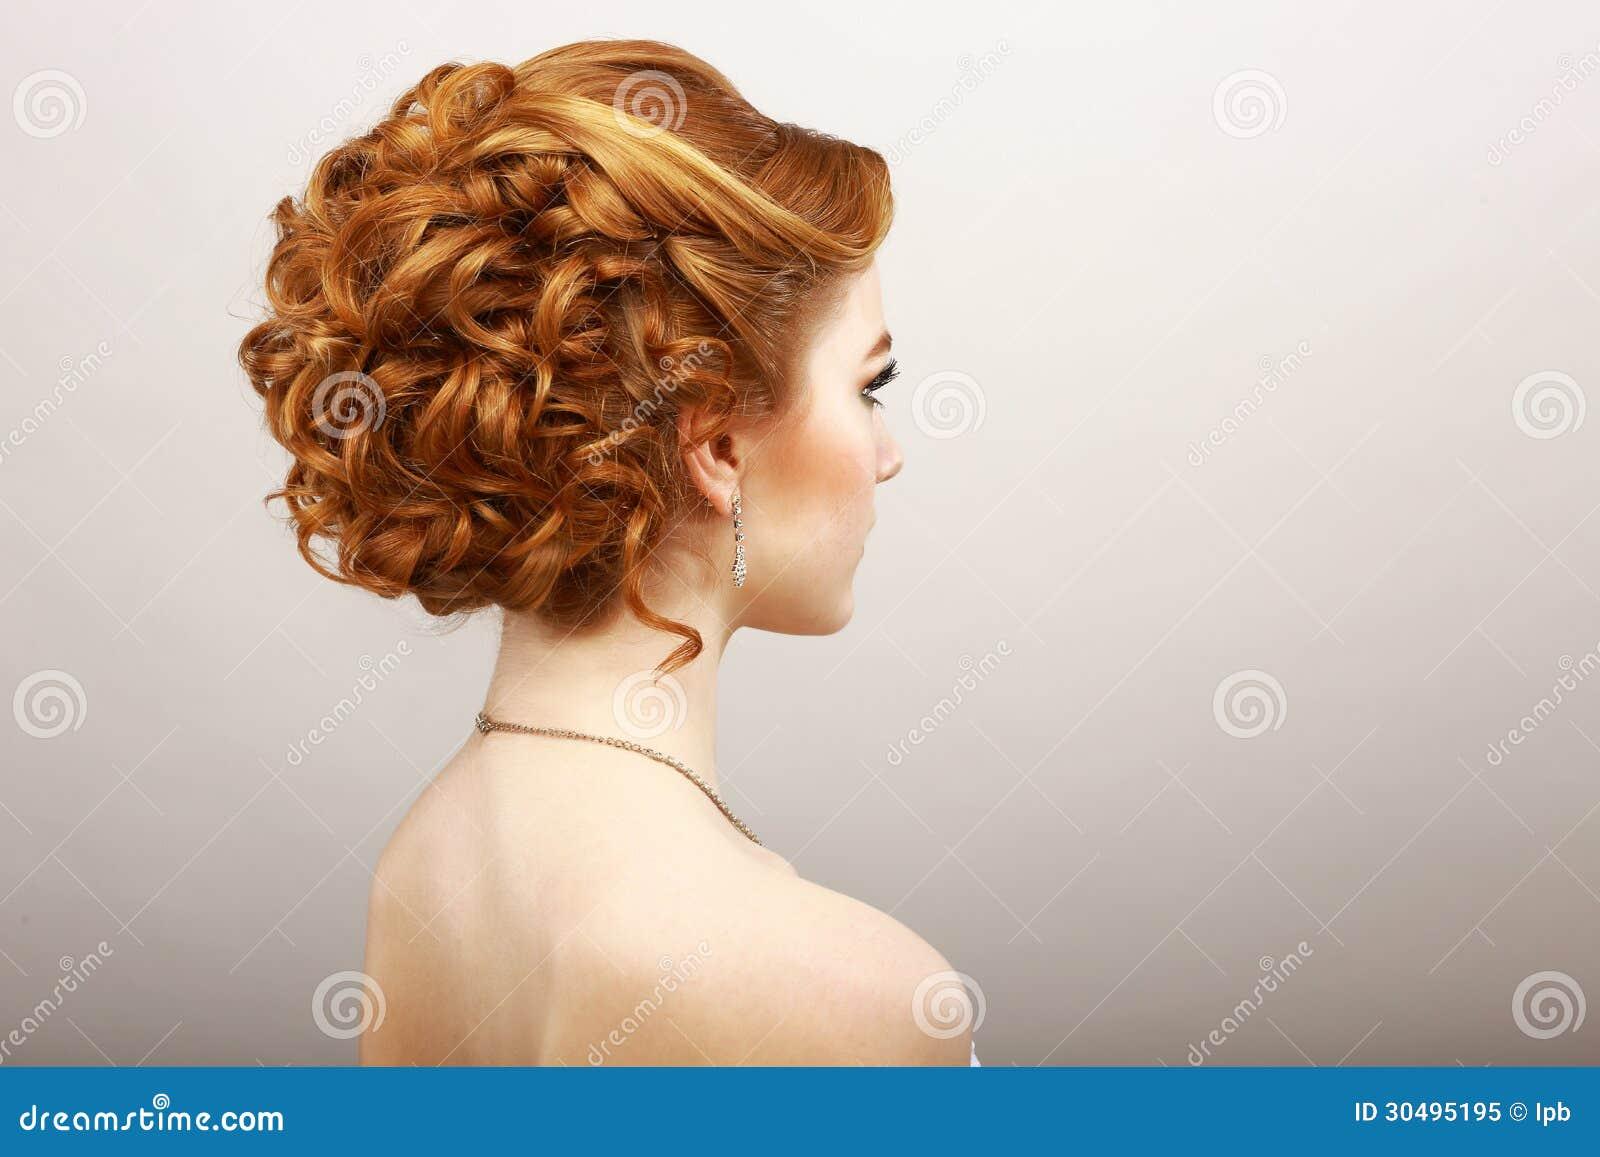 Προσδιορισμός. Οπισθοσκόπος της σγοuρής κόκκινης γυναίκας τρίχας. Haircare Spa έννοια σαλονιών